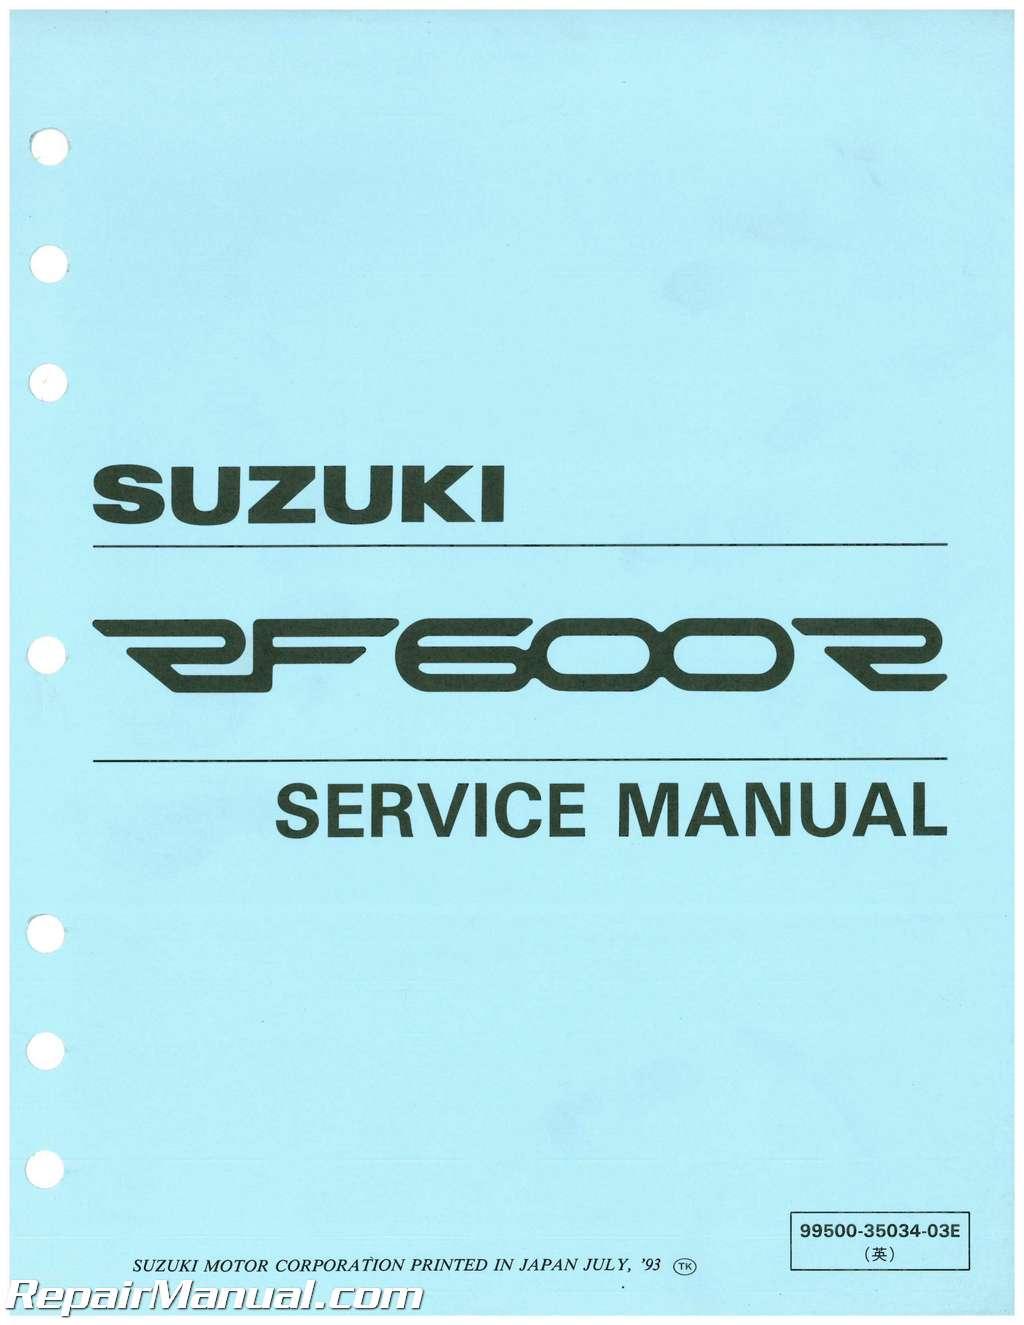 motorcycle manuals pdf